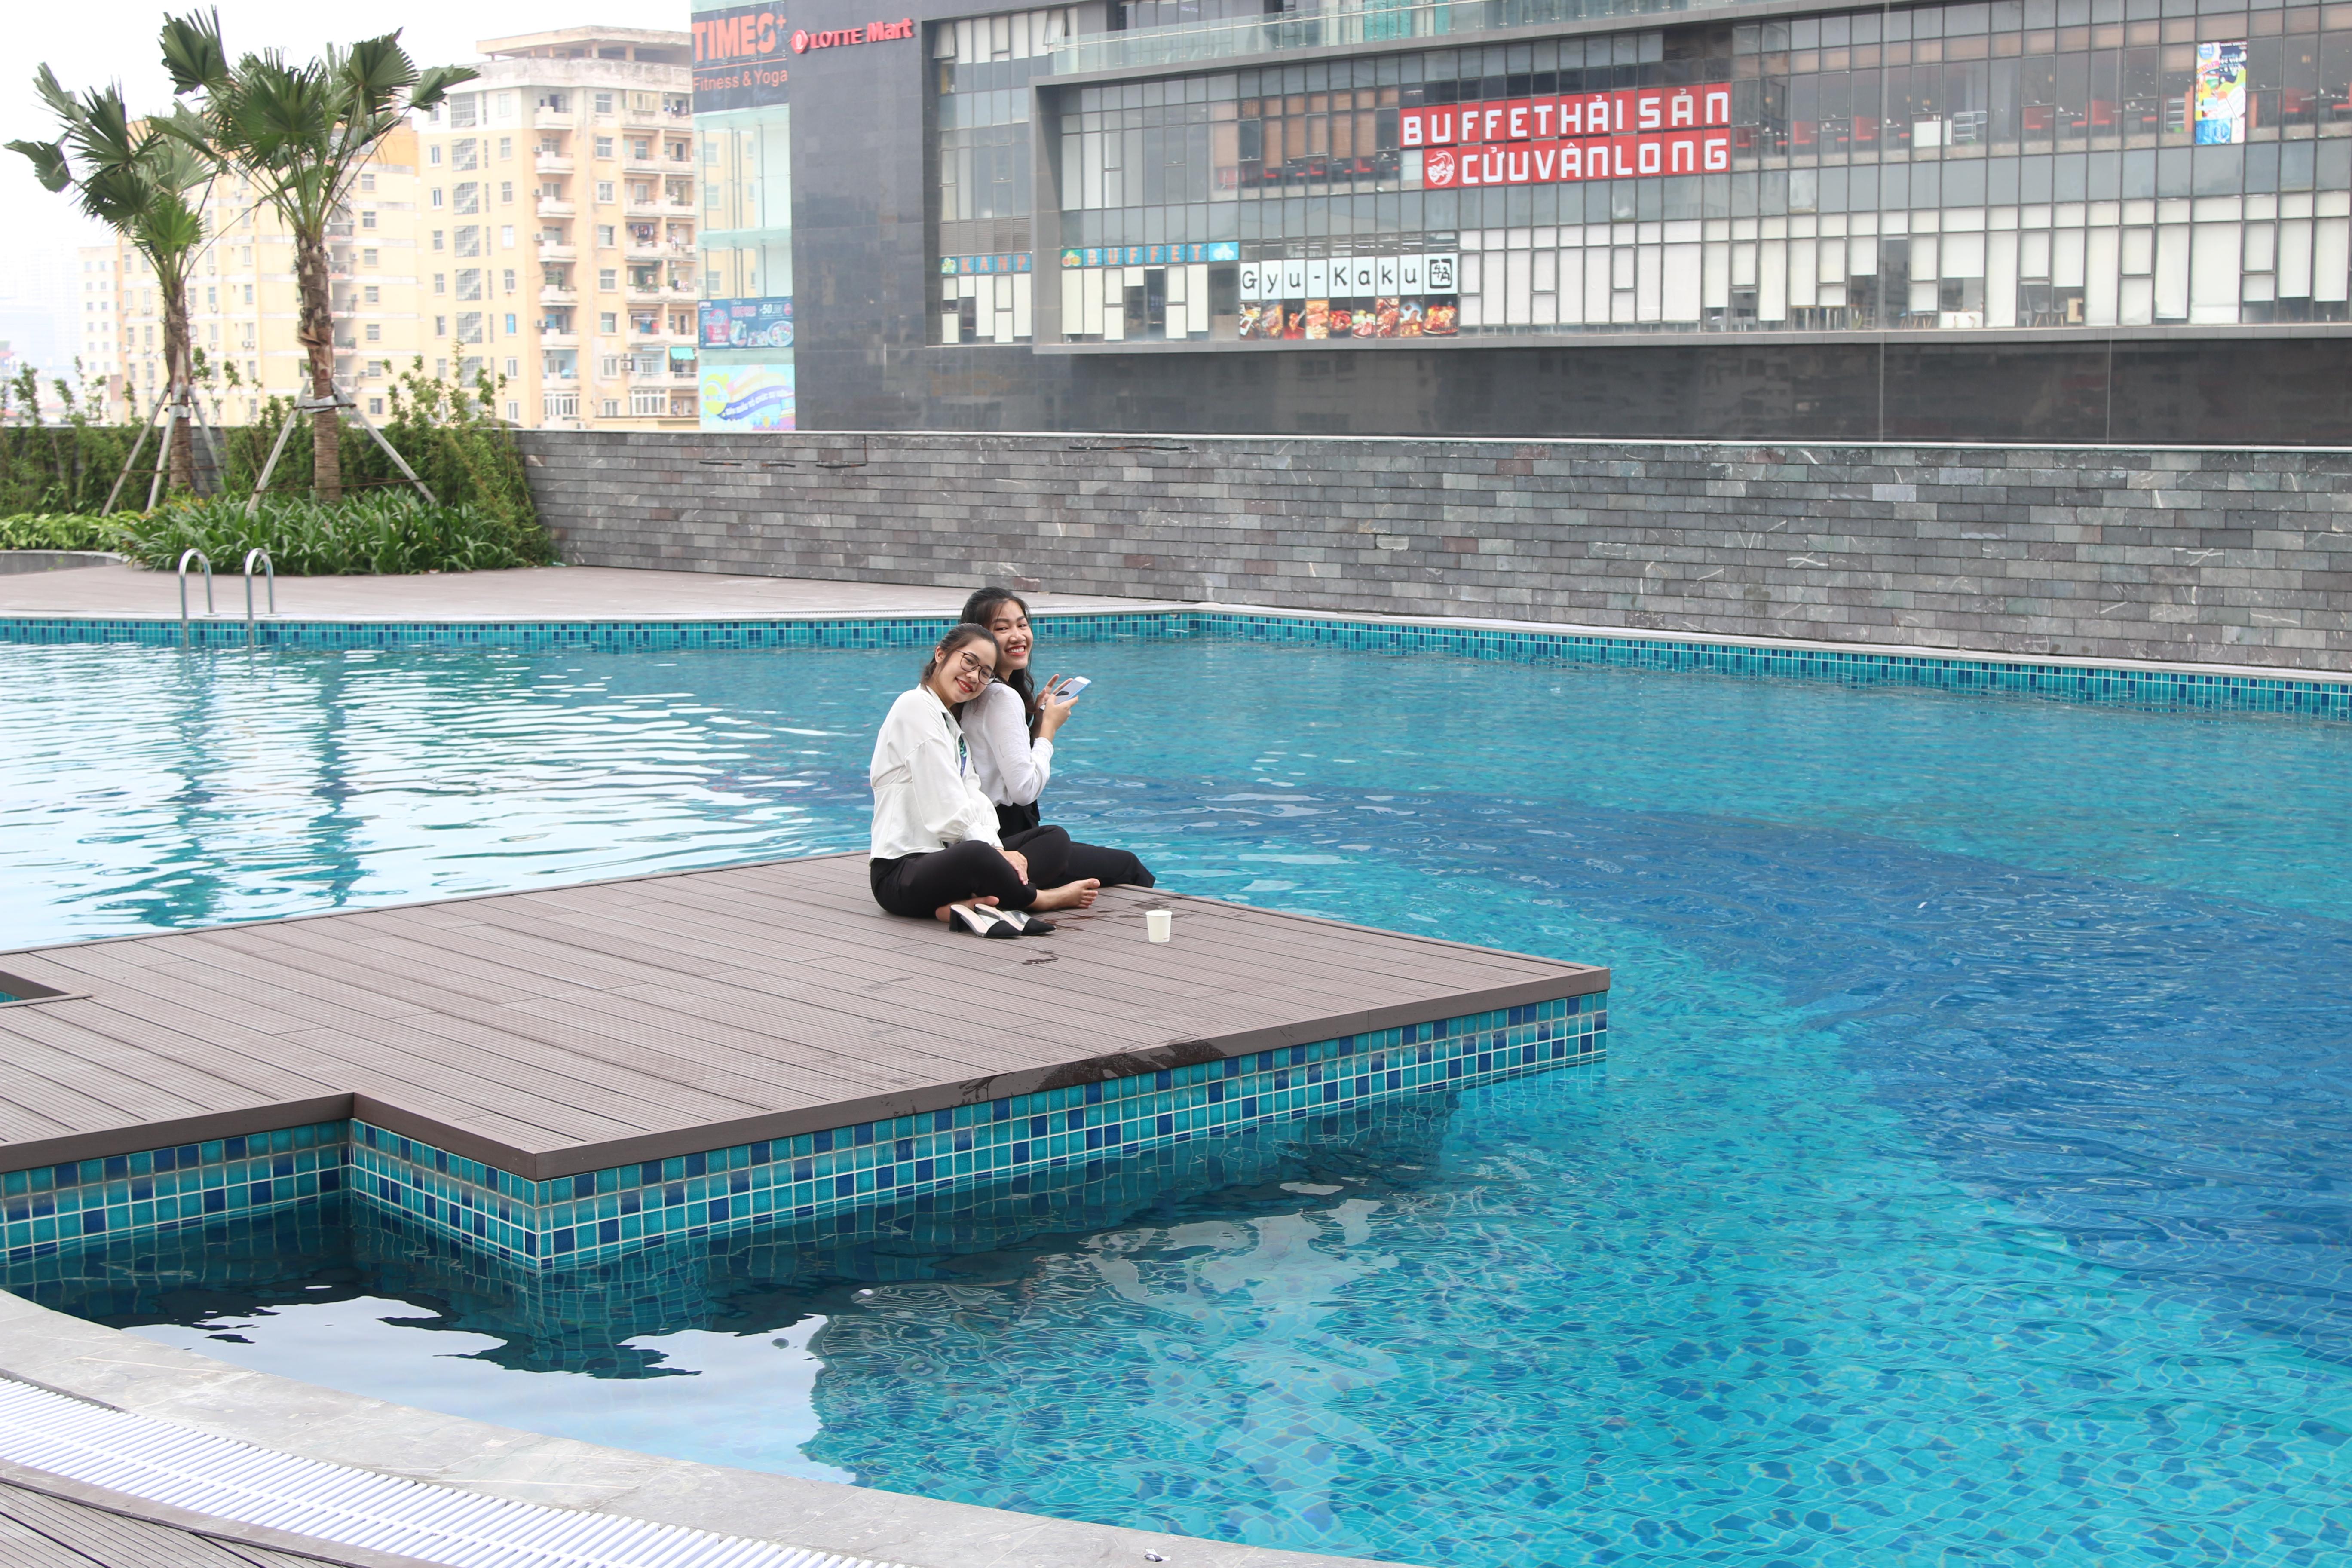 Bể bơi dưới tầng 6 là nơi lý tưởng cho CBNV khi làm việc tại đây. Mọi người có thể thư giãn bơi lội sau giờ nghỉ, và đây cũng là góc sống ảo của các chị em.